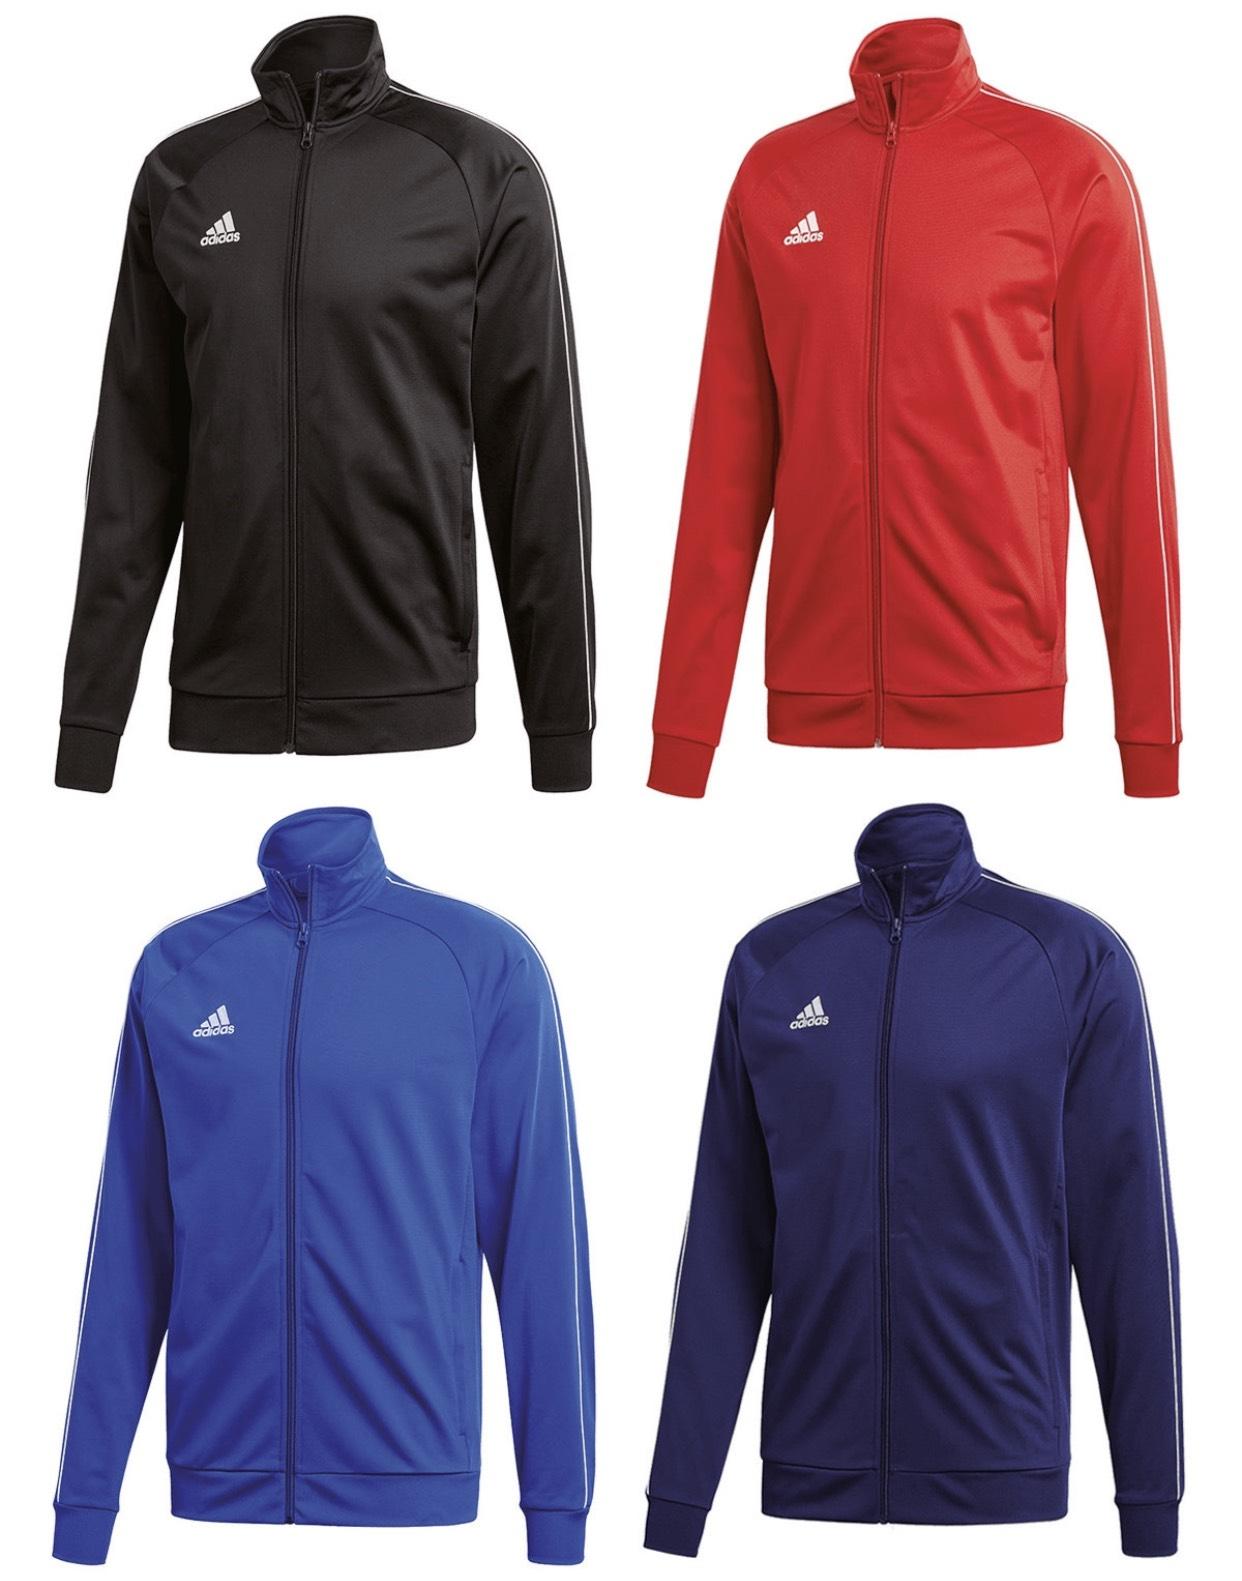 Adidas Trainingsjacke Core 18 Doppelack in 4 Farben und vielen Größen frei konfigurierbar